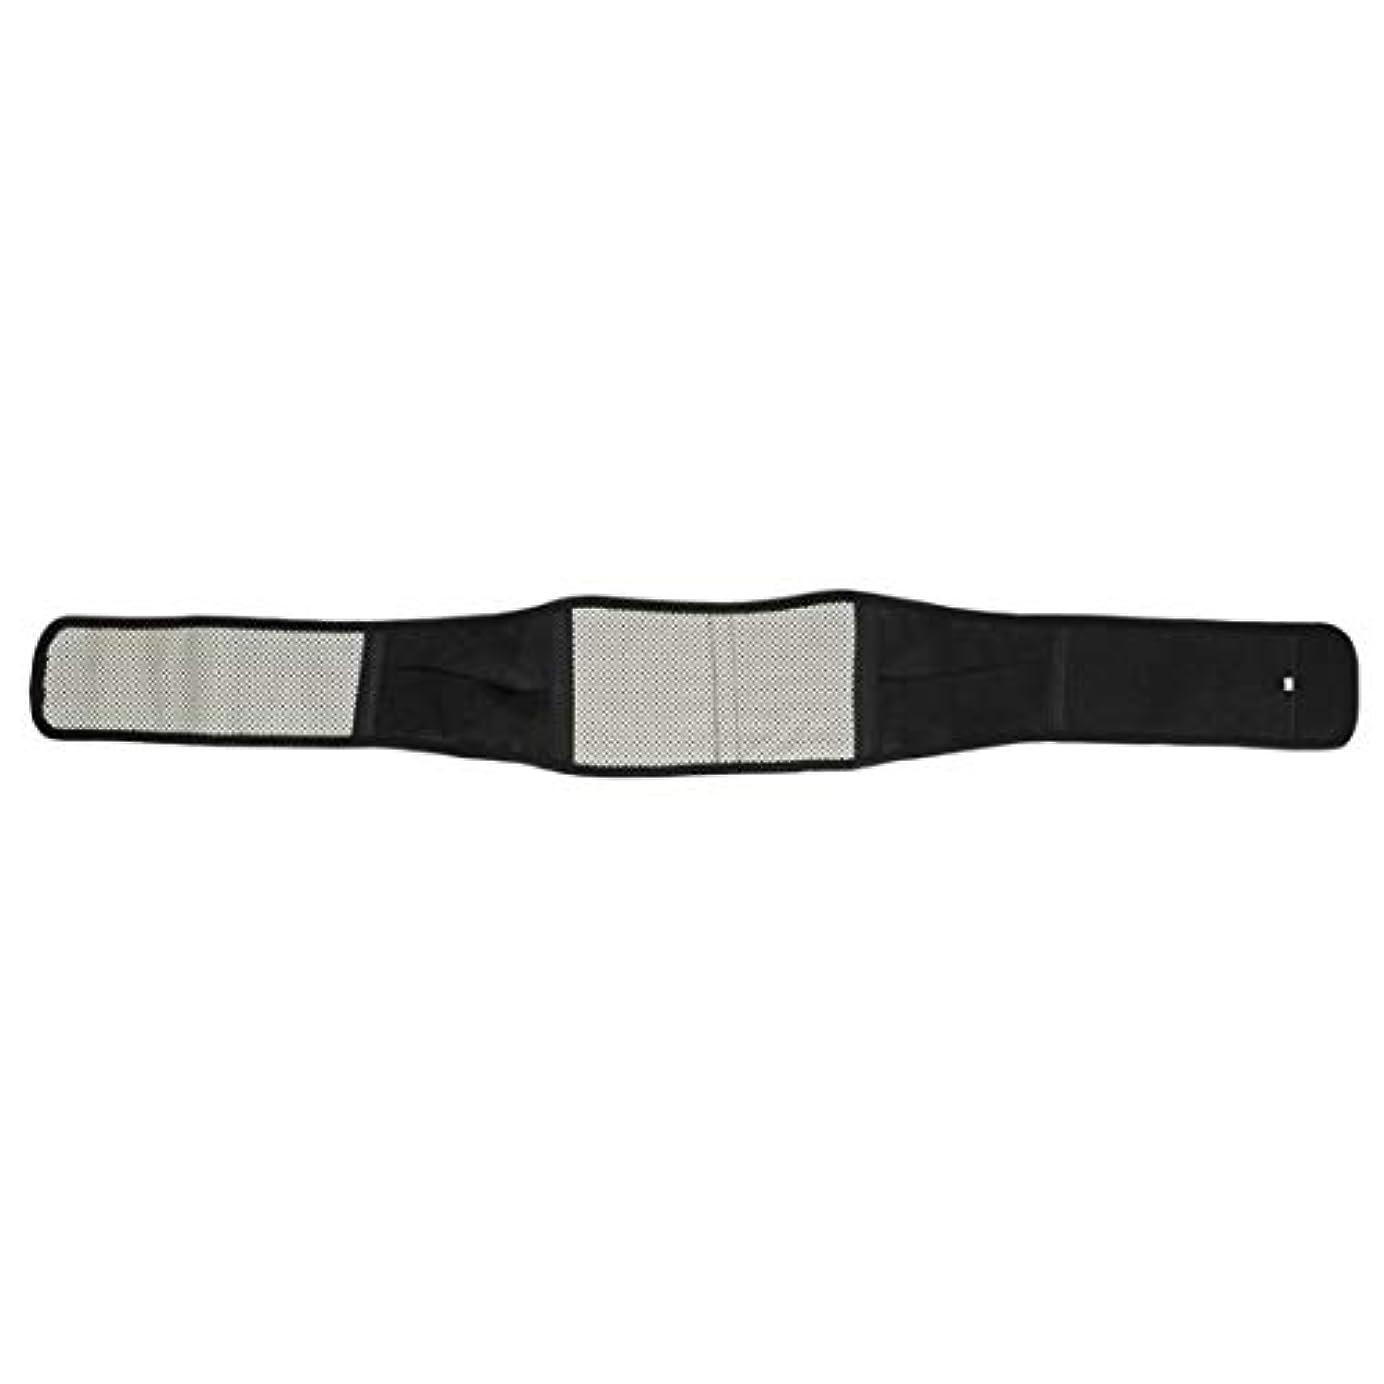 行進リスキーなつかいます腰部サポート痛みマッサージャー赤外線磁気バックブレース自己加熱療法ウエストベルト調節可能な姿勢ベルト